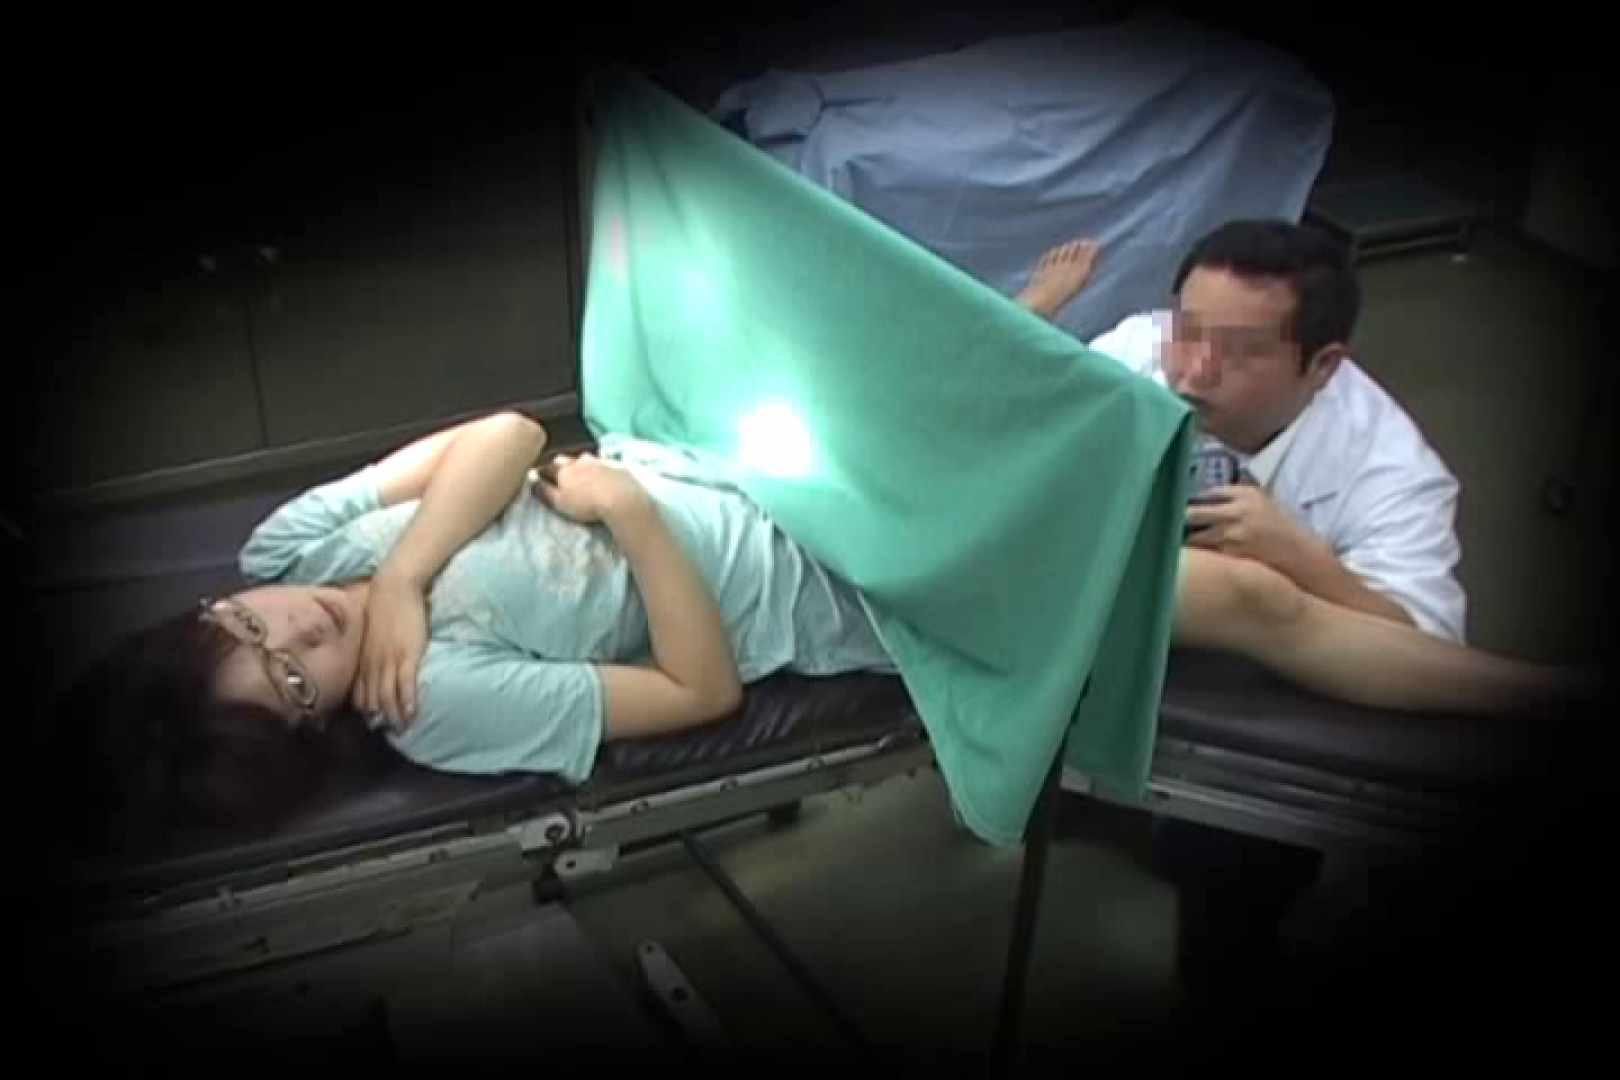 はらませ変態医師!受精完了!!Vol.9 OLエロ画像 | 濃厚セックス  49PICs 49